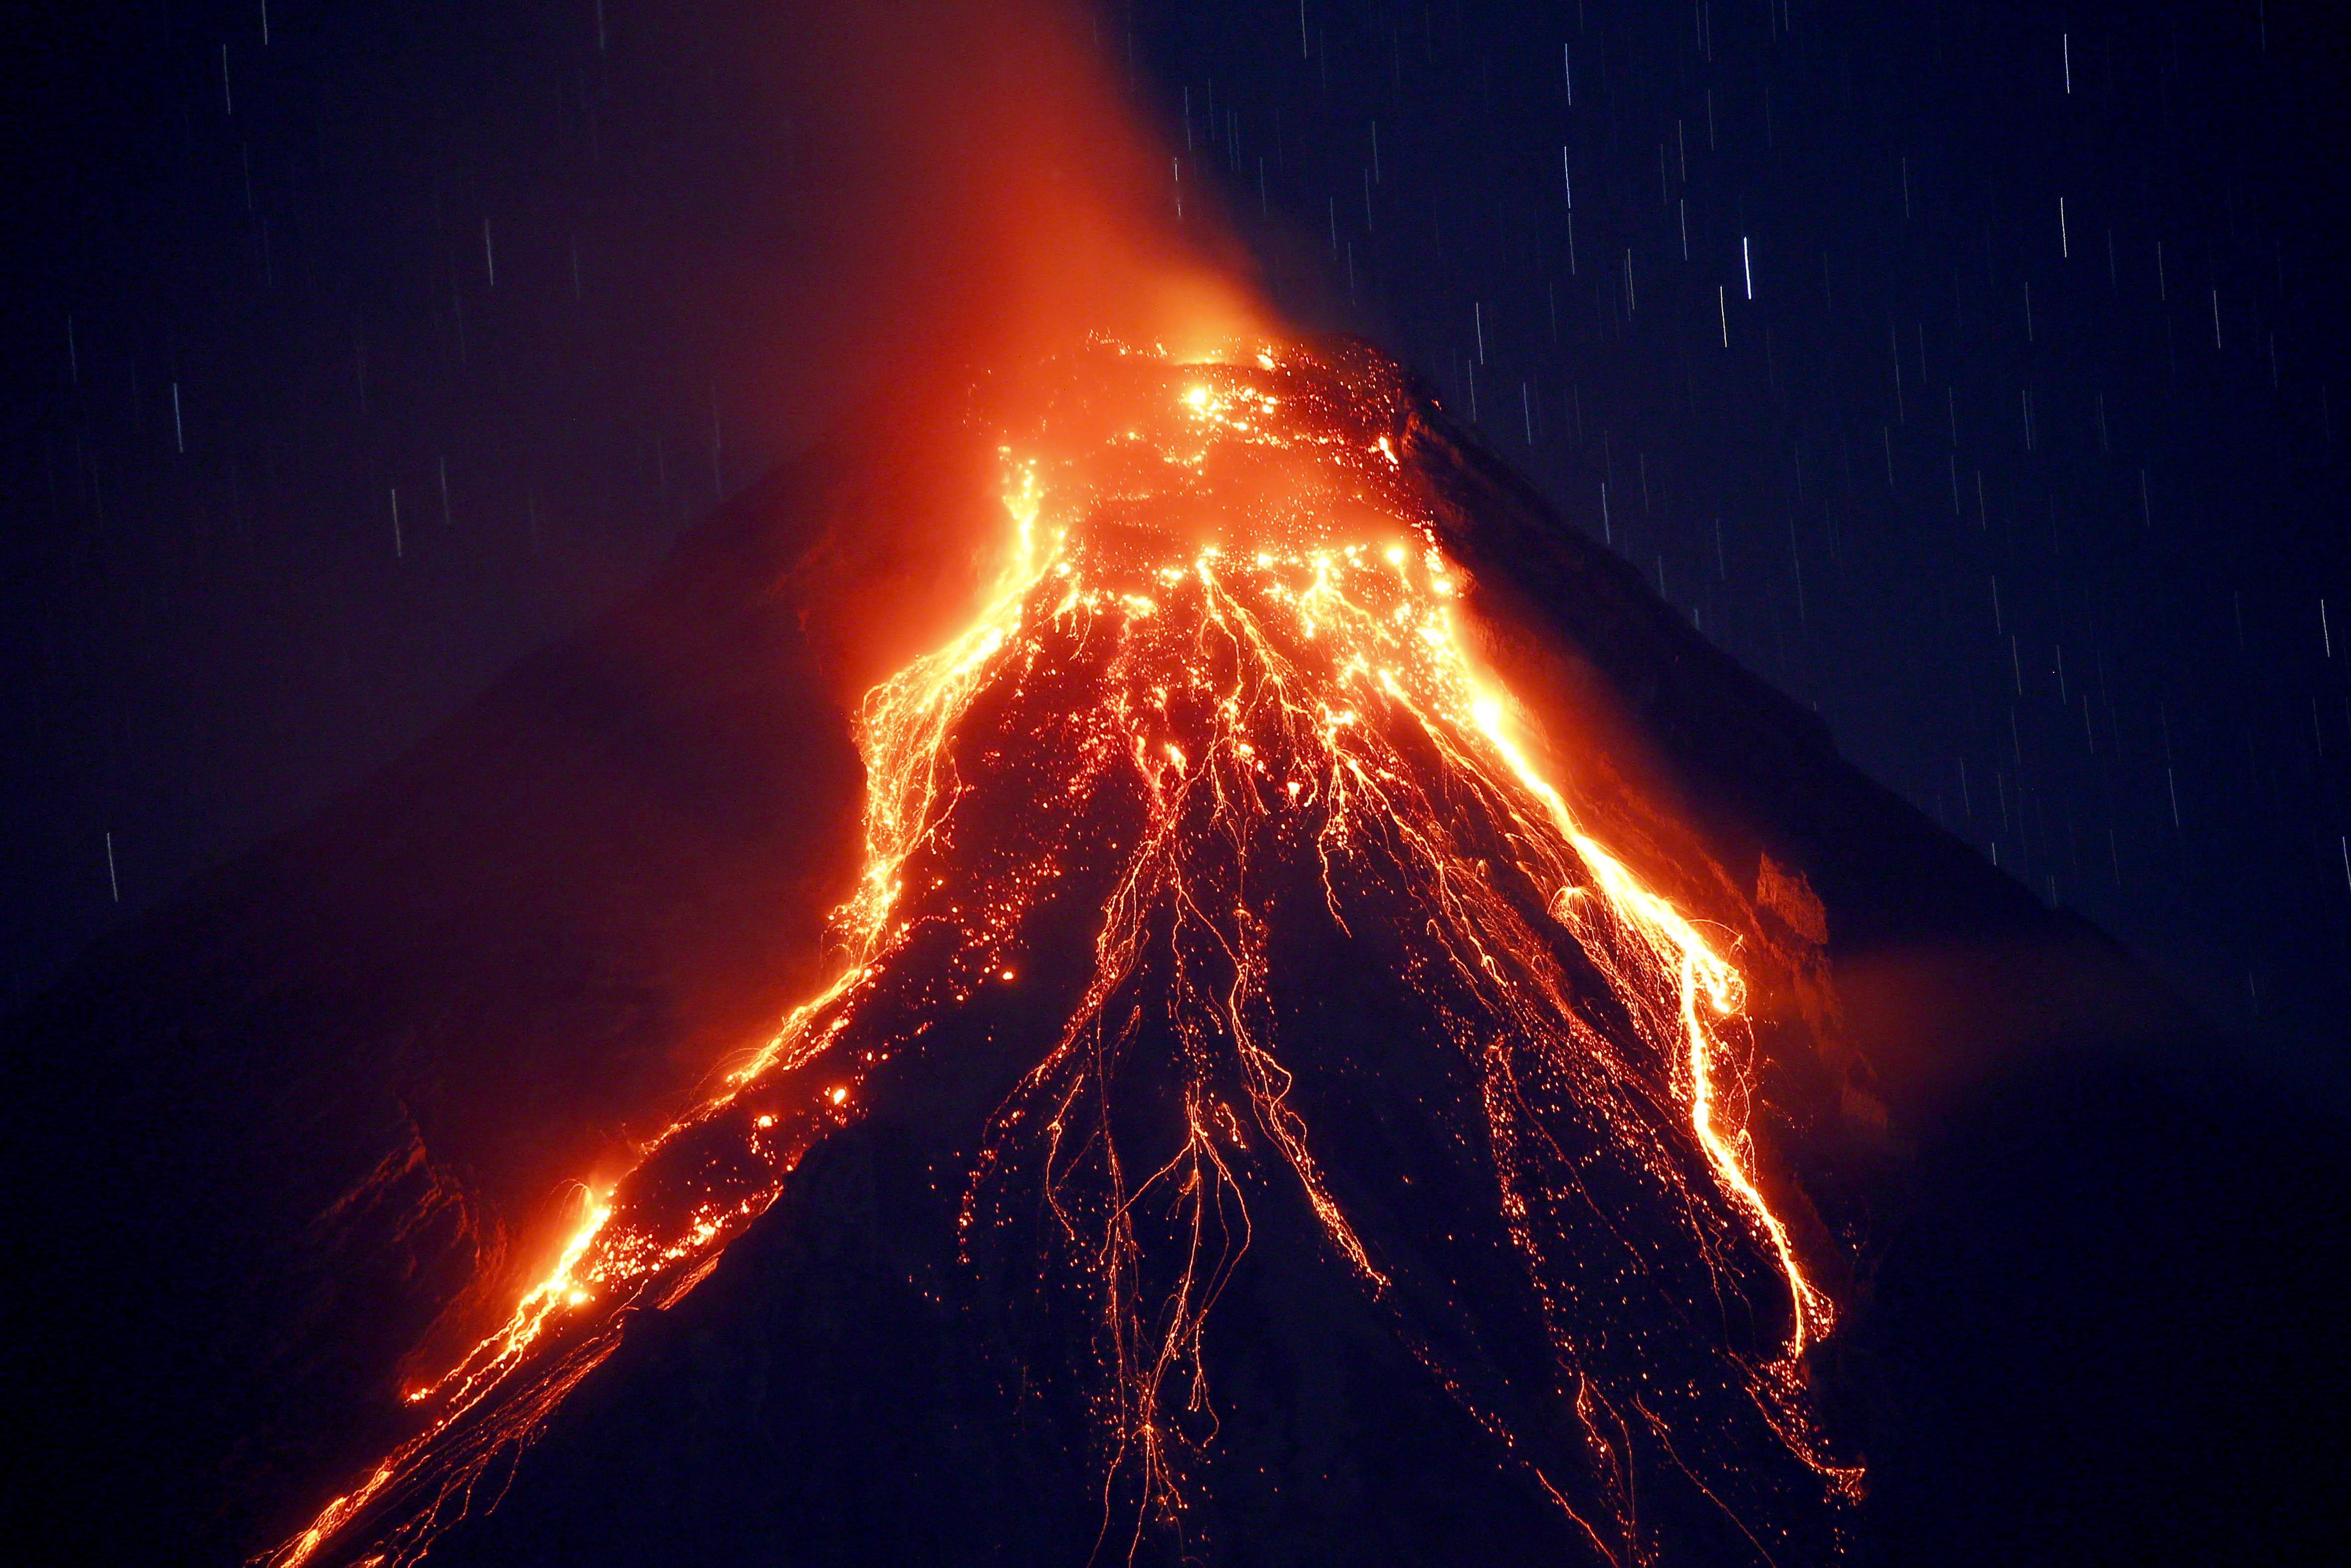 Autoridades de manejo de desastres de la provincia de Albay, donde se ubica el Monte Mayón, indicaron que hay 30.000 personas en los centros de evacuación (AP)